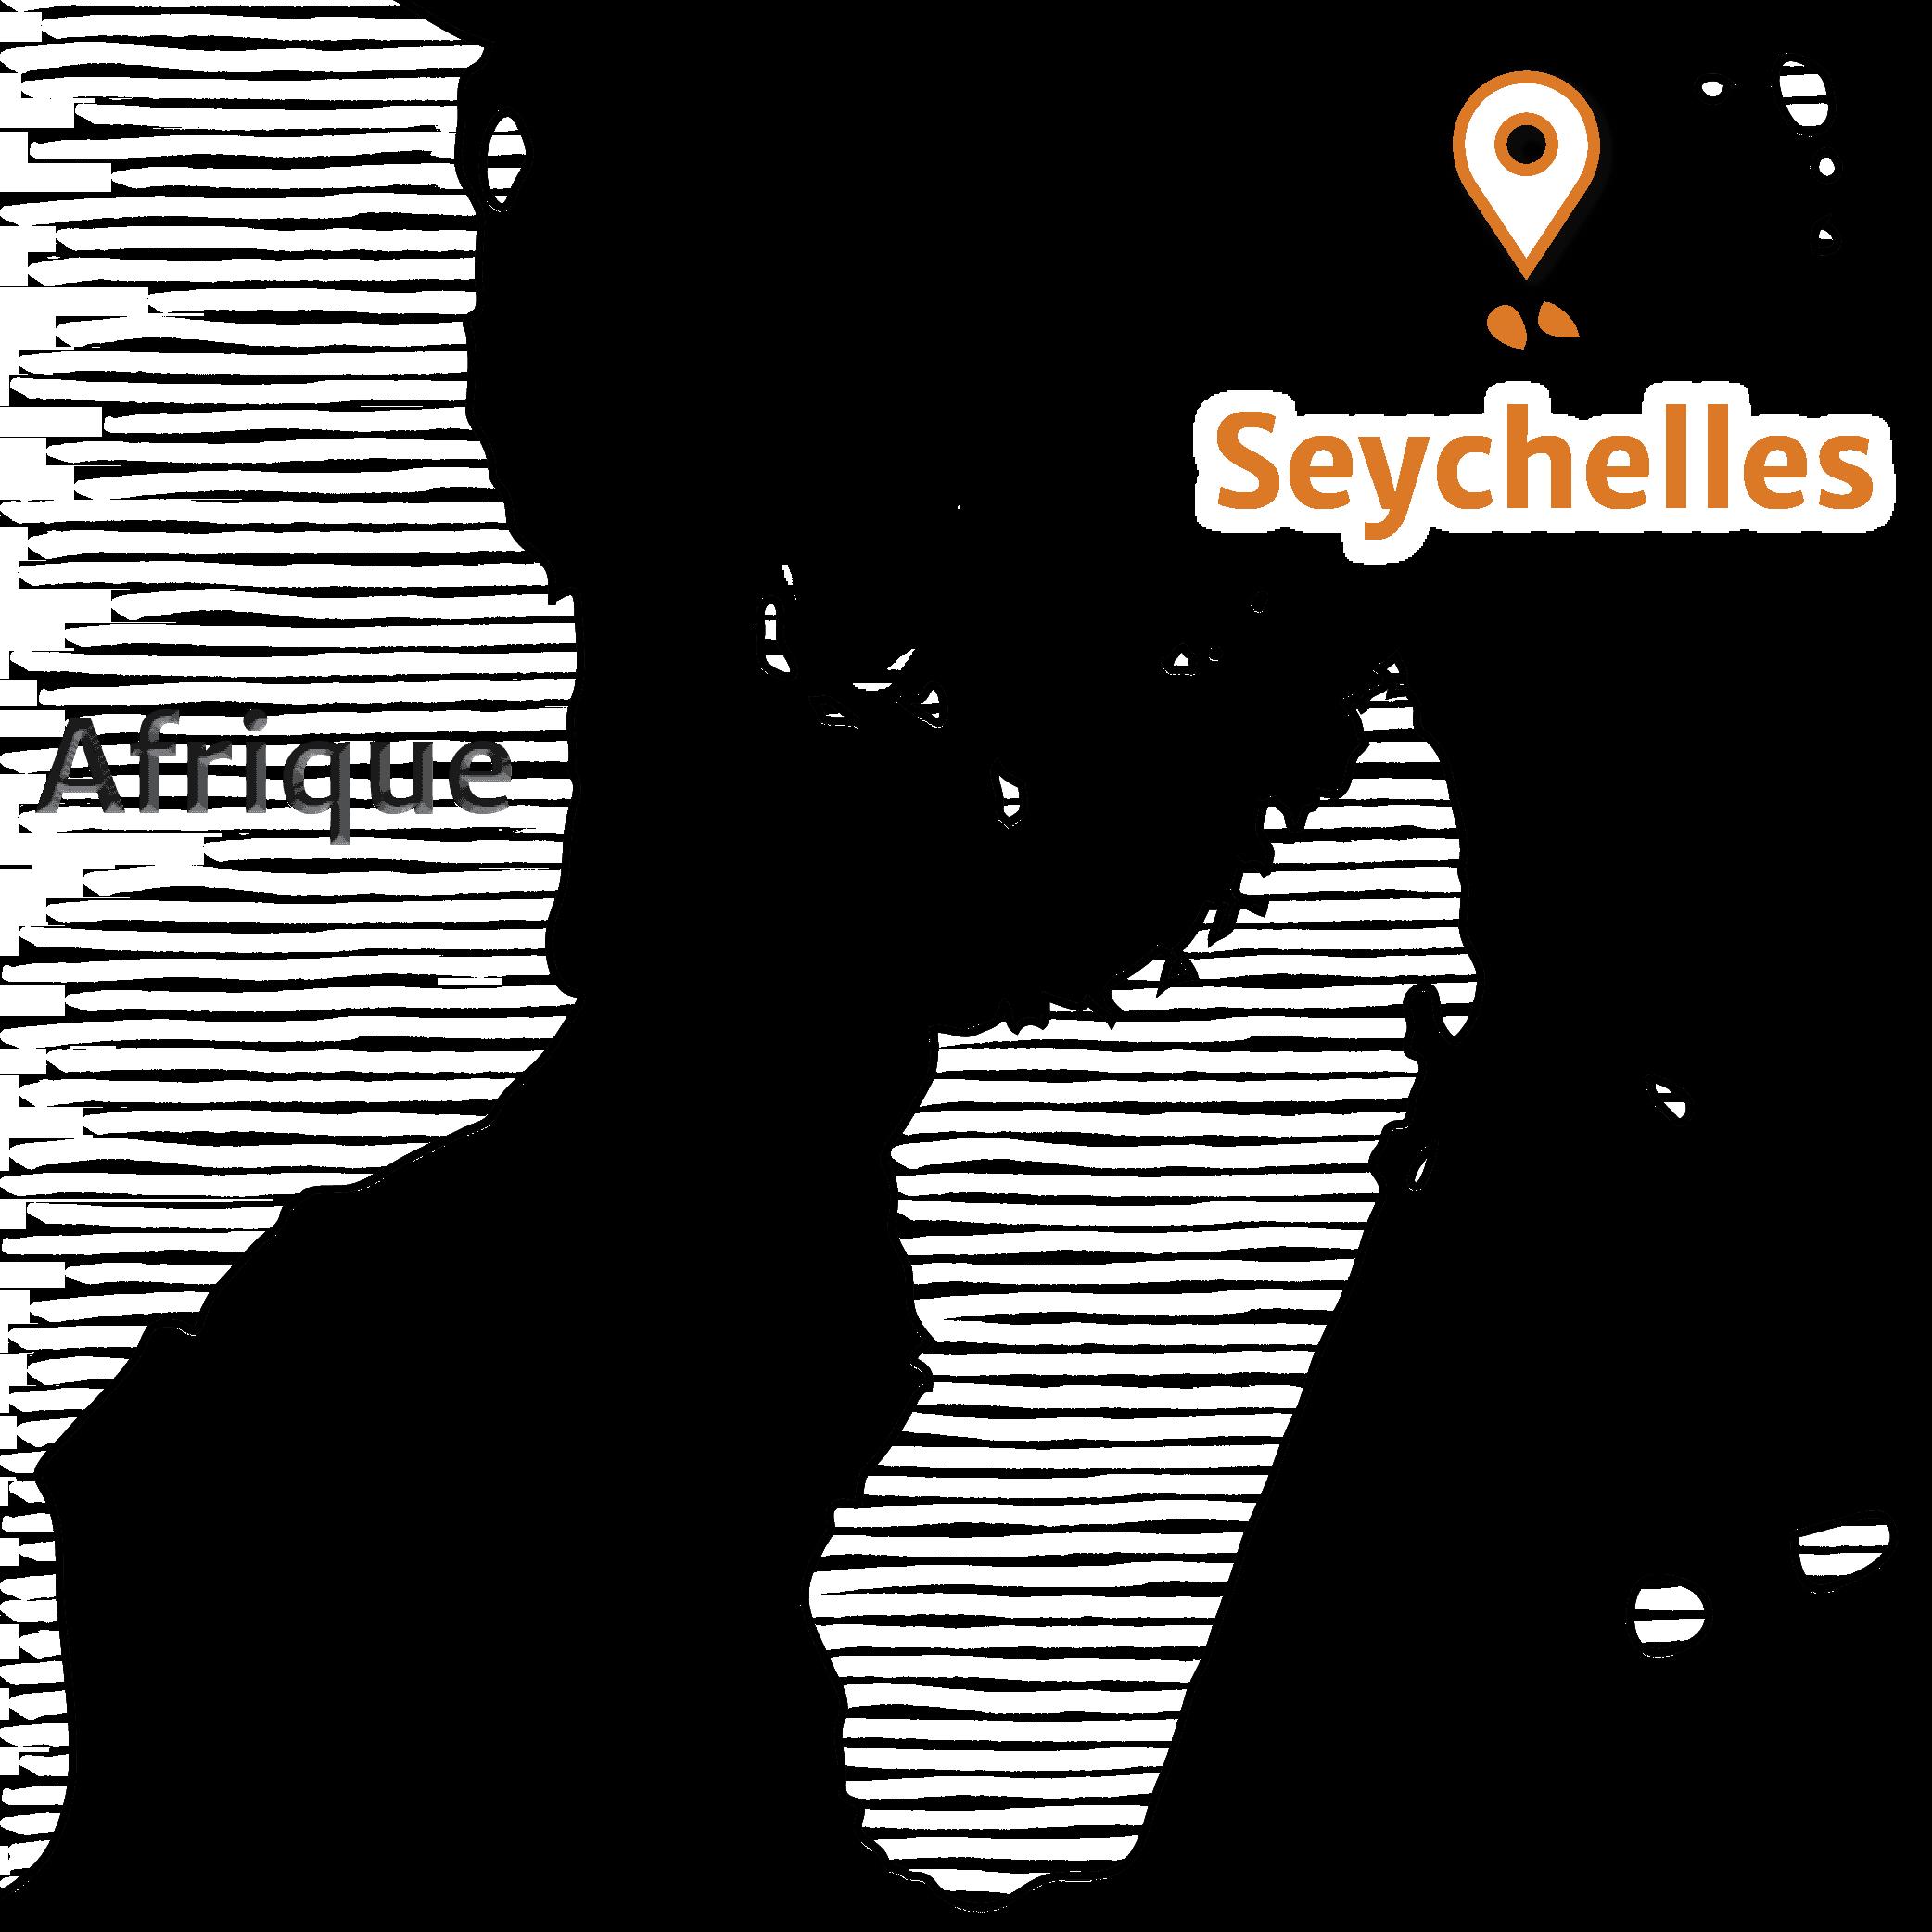 AFRIQUE-SEYCHELLES